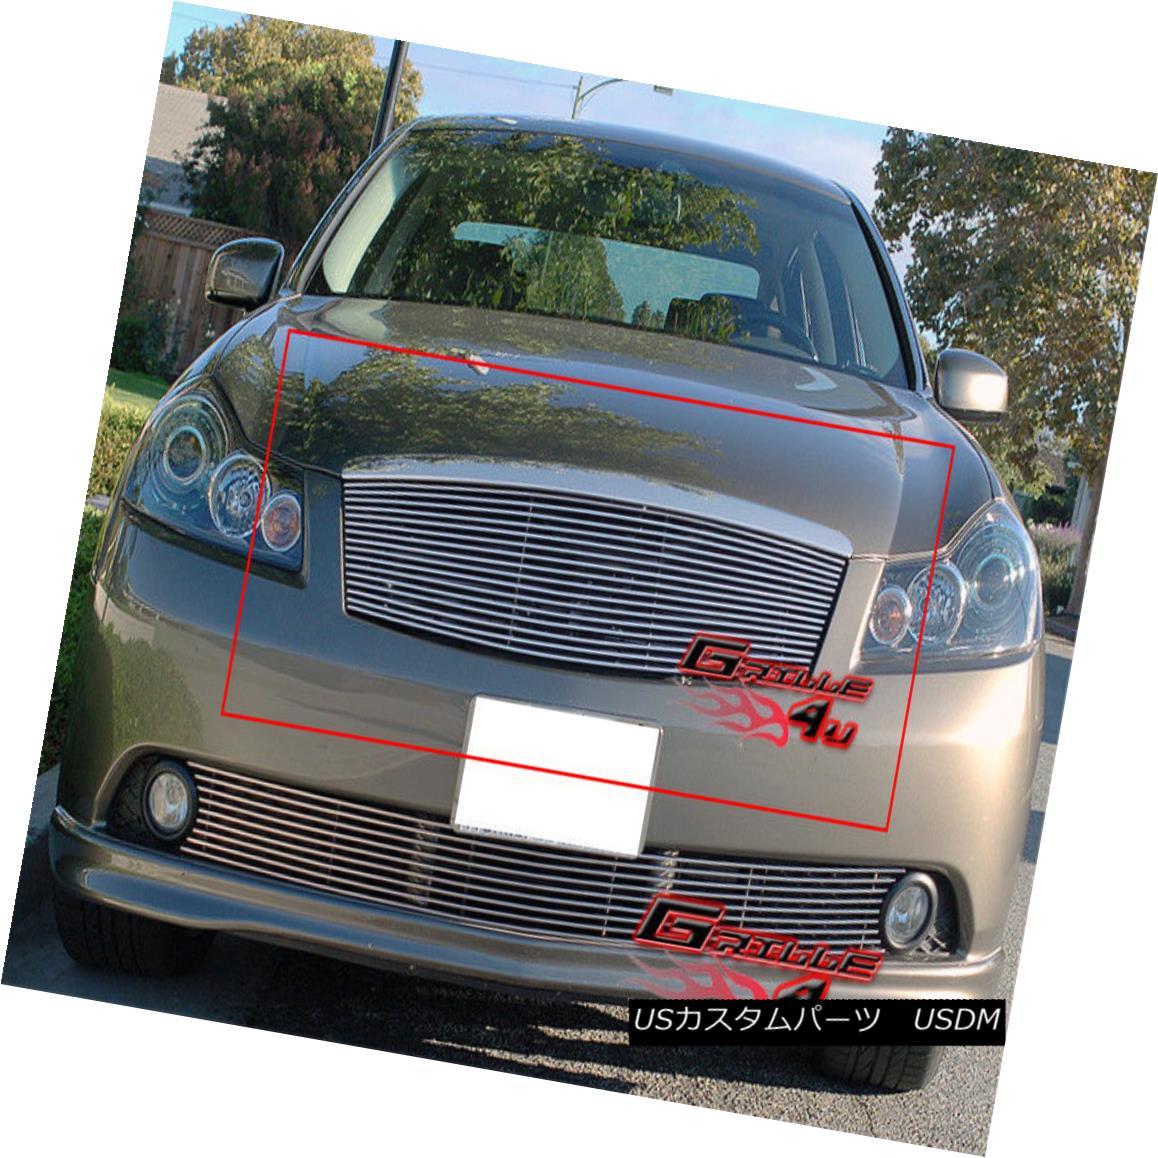 グリル Fits 2005-2007 Infiniti M35 Sedan Main Upper Billet Grille Insert フィット2005-2007インフィニティM35セダンメインアッパービレットグリルインサート